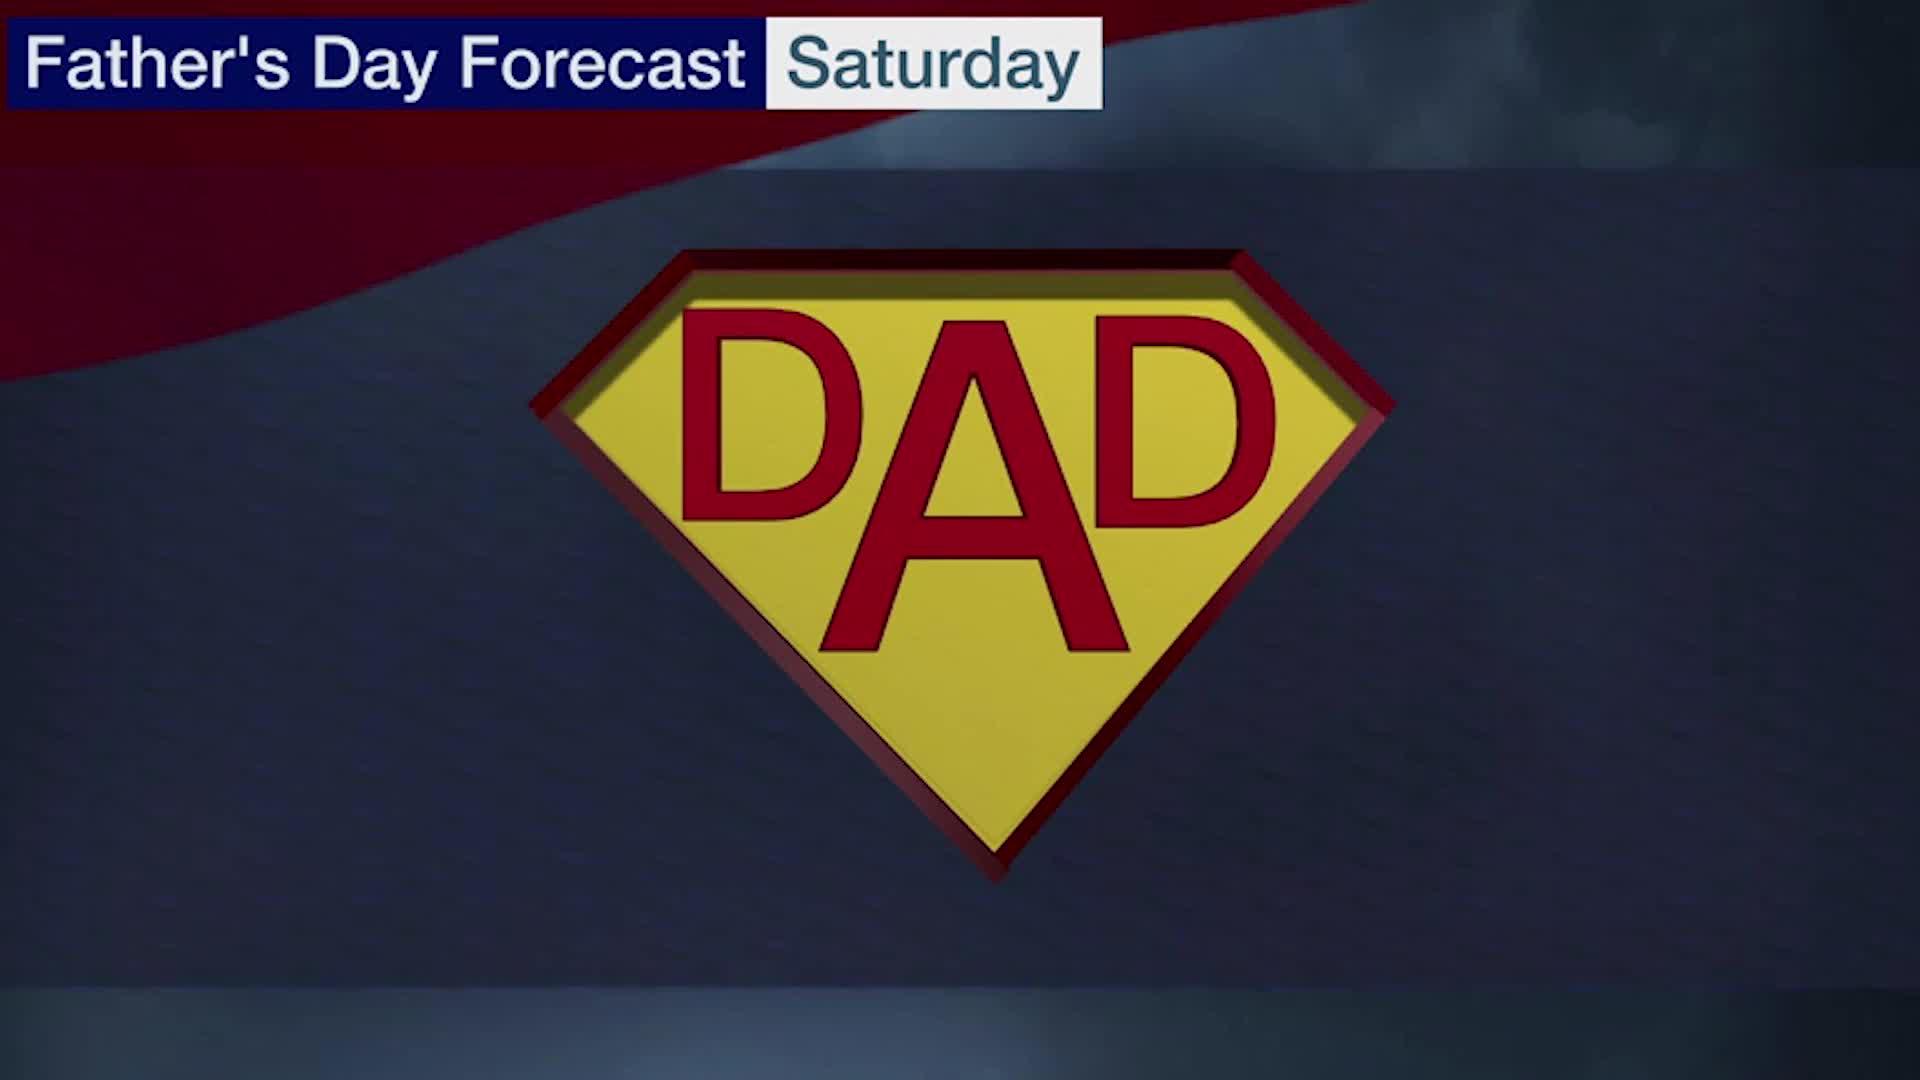 ¿Cómo estará el tiempo para el gran día de papá?